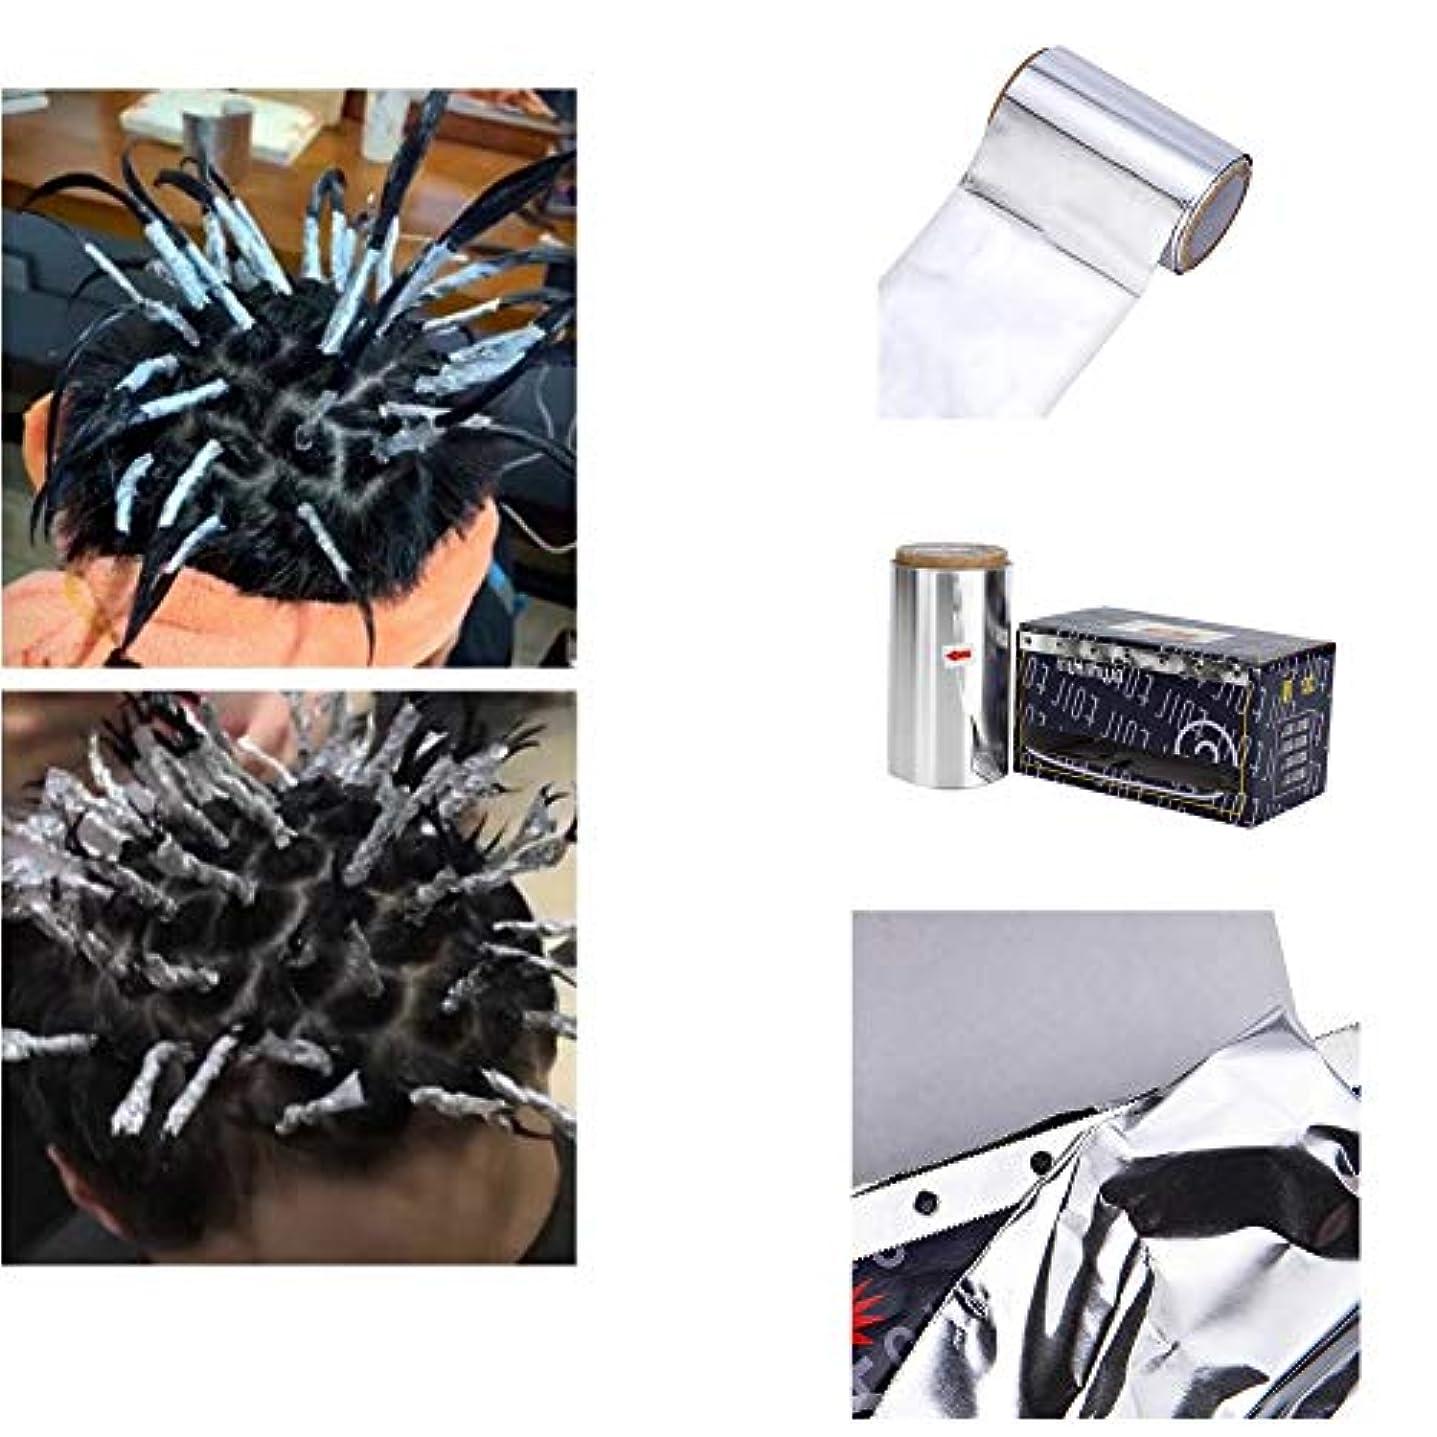 侵略スチュワードシーケンスACHICOO アルミ箔 テープ 耐熱性 理髪 美髪 用品 ヘアパーマスタイリング ツール ヘアカラー